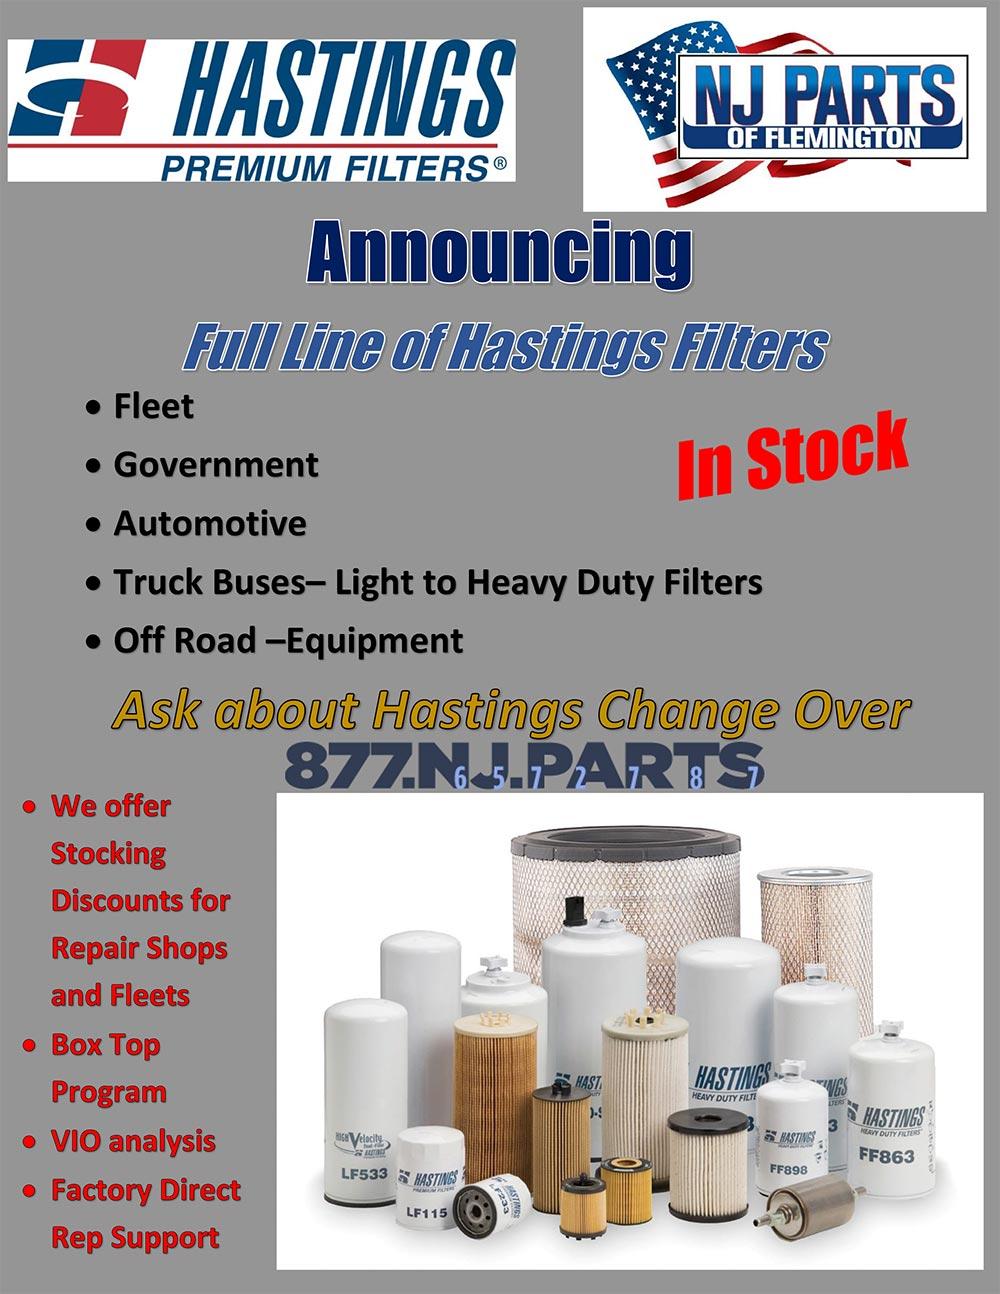 Hastings-Announcement-website.jpg